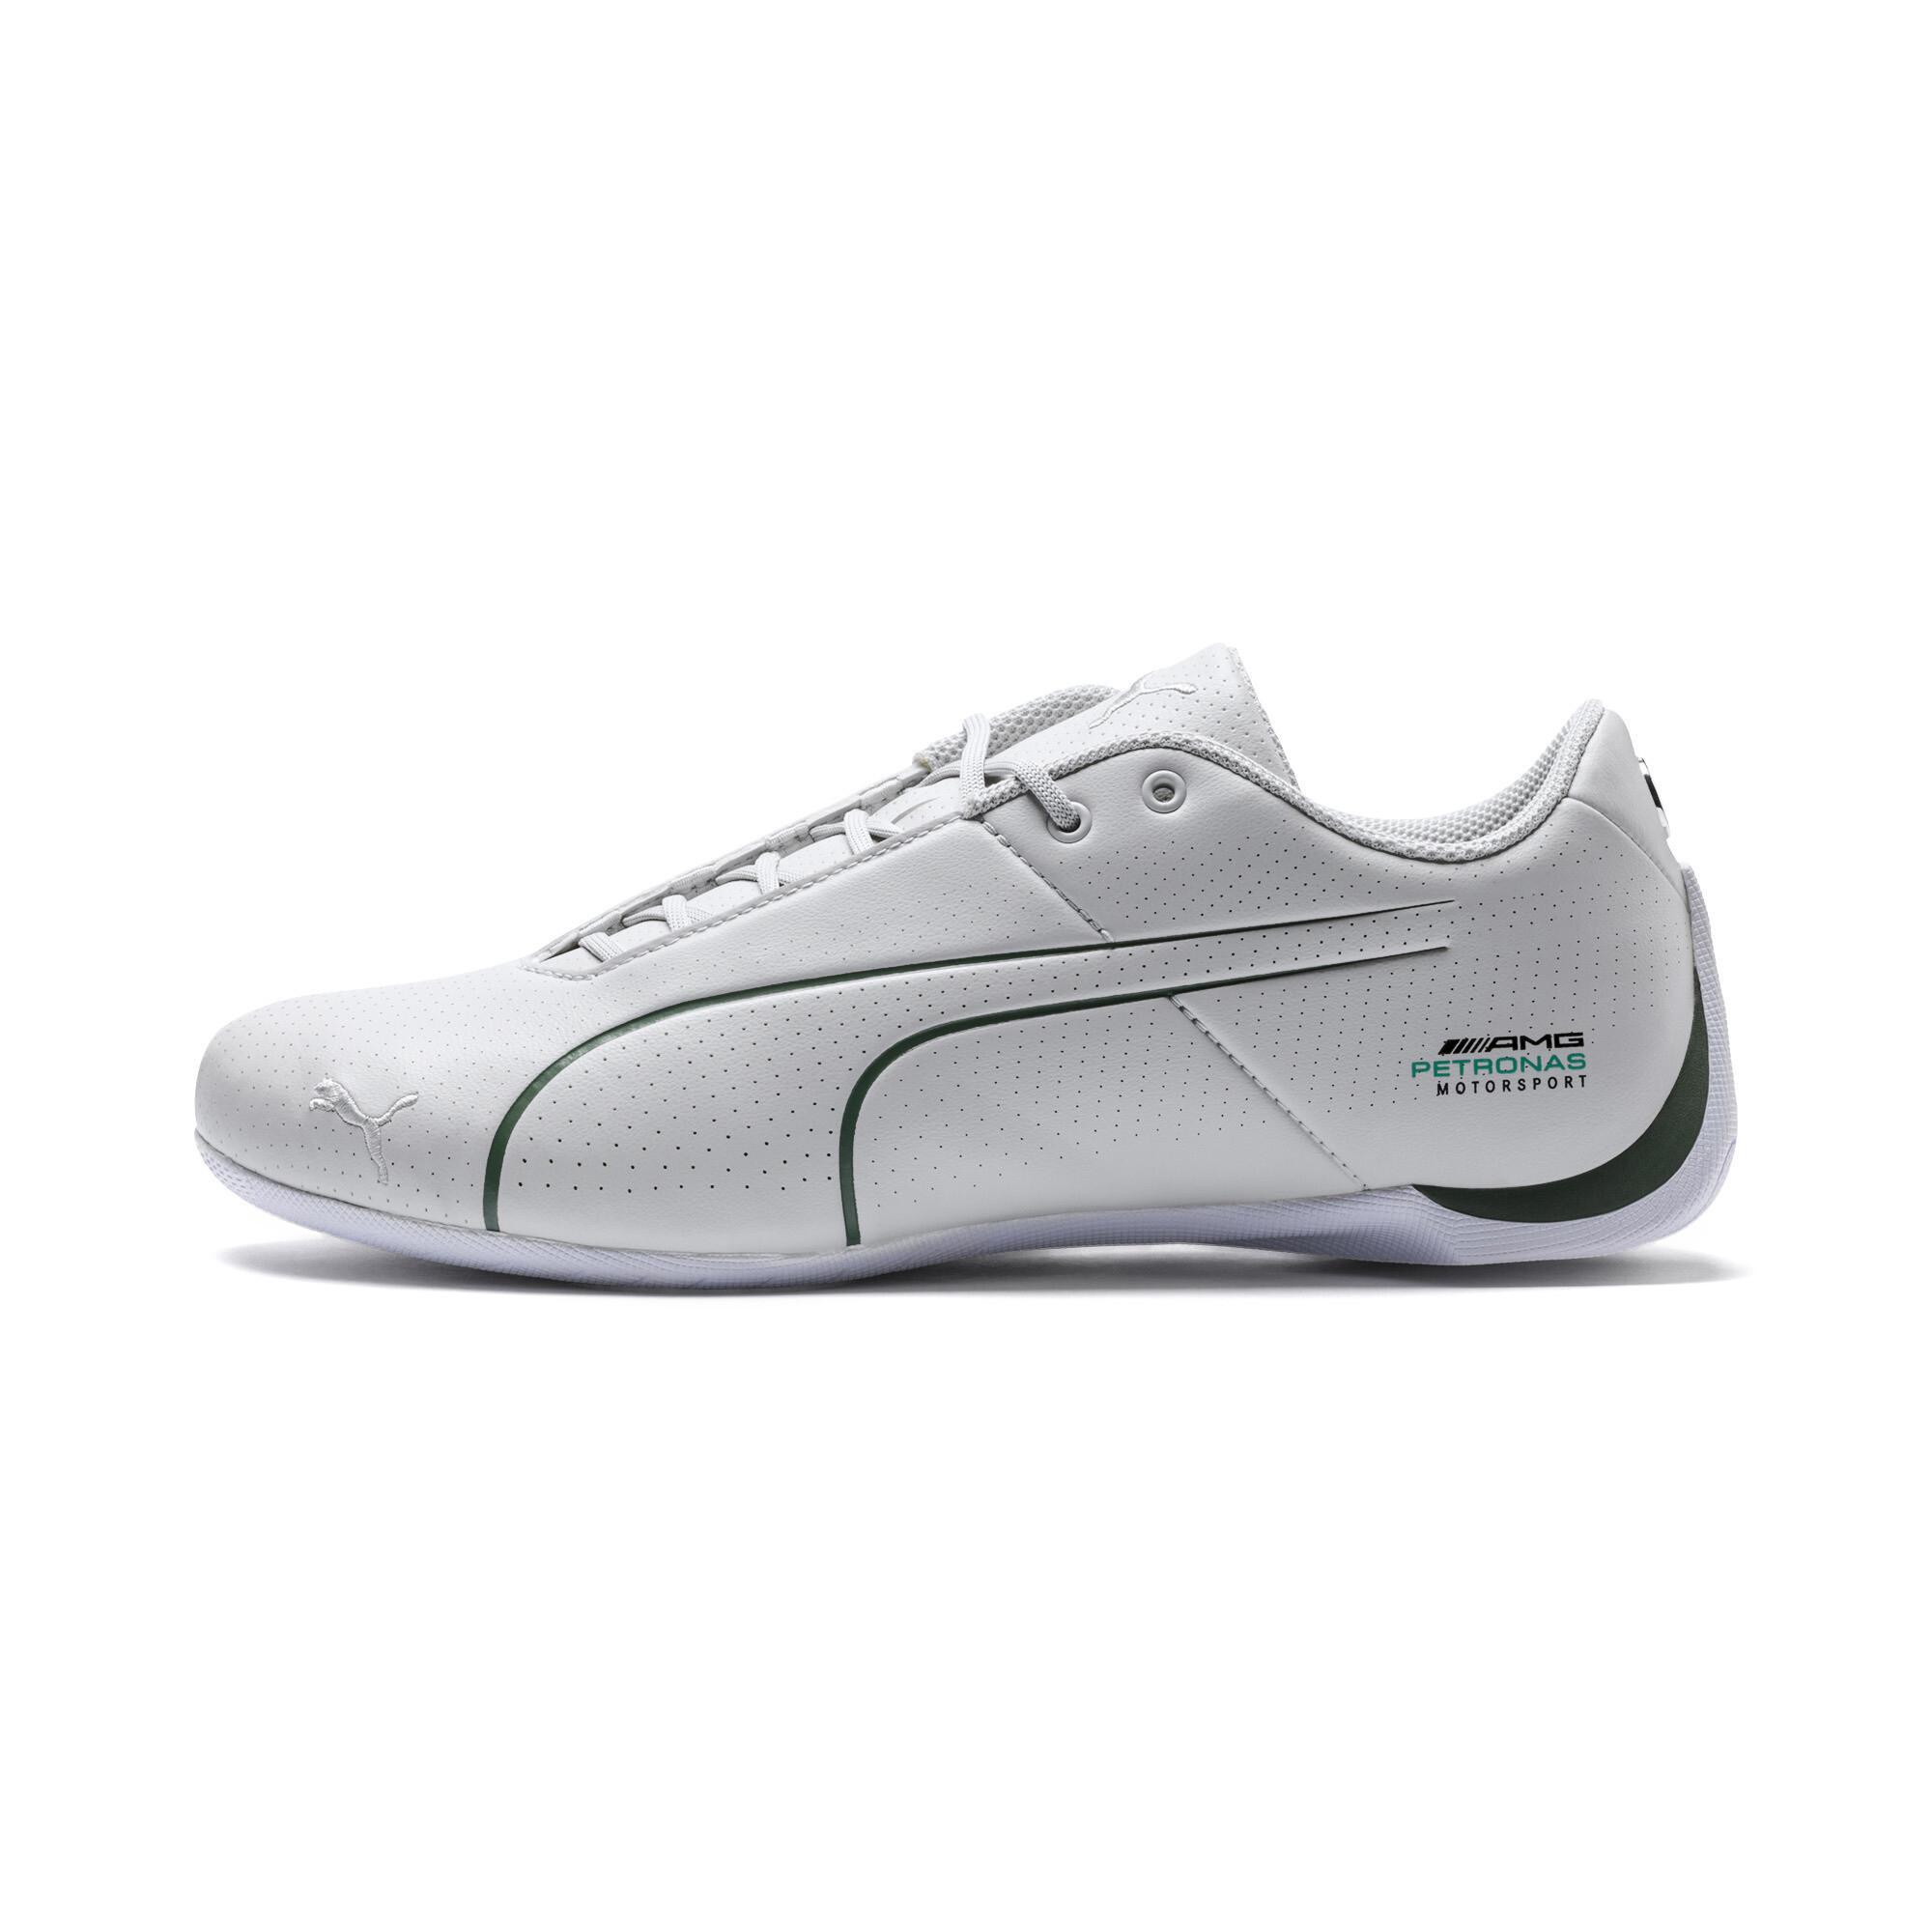 Indexbild 15 - PUMA MERCEDES AMG PETRONAS Future Cat Ultra Sneaker Unisex Schuhe Neu